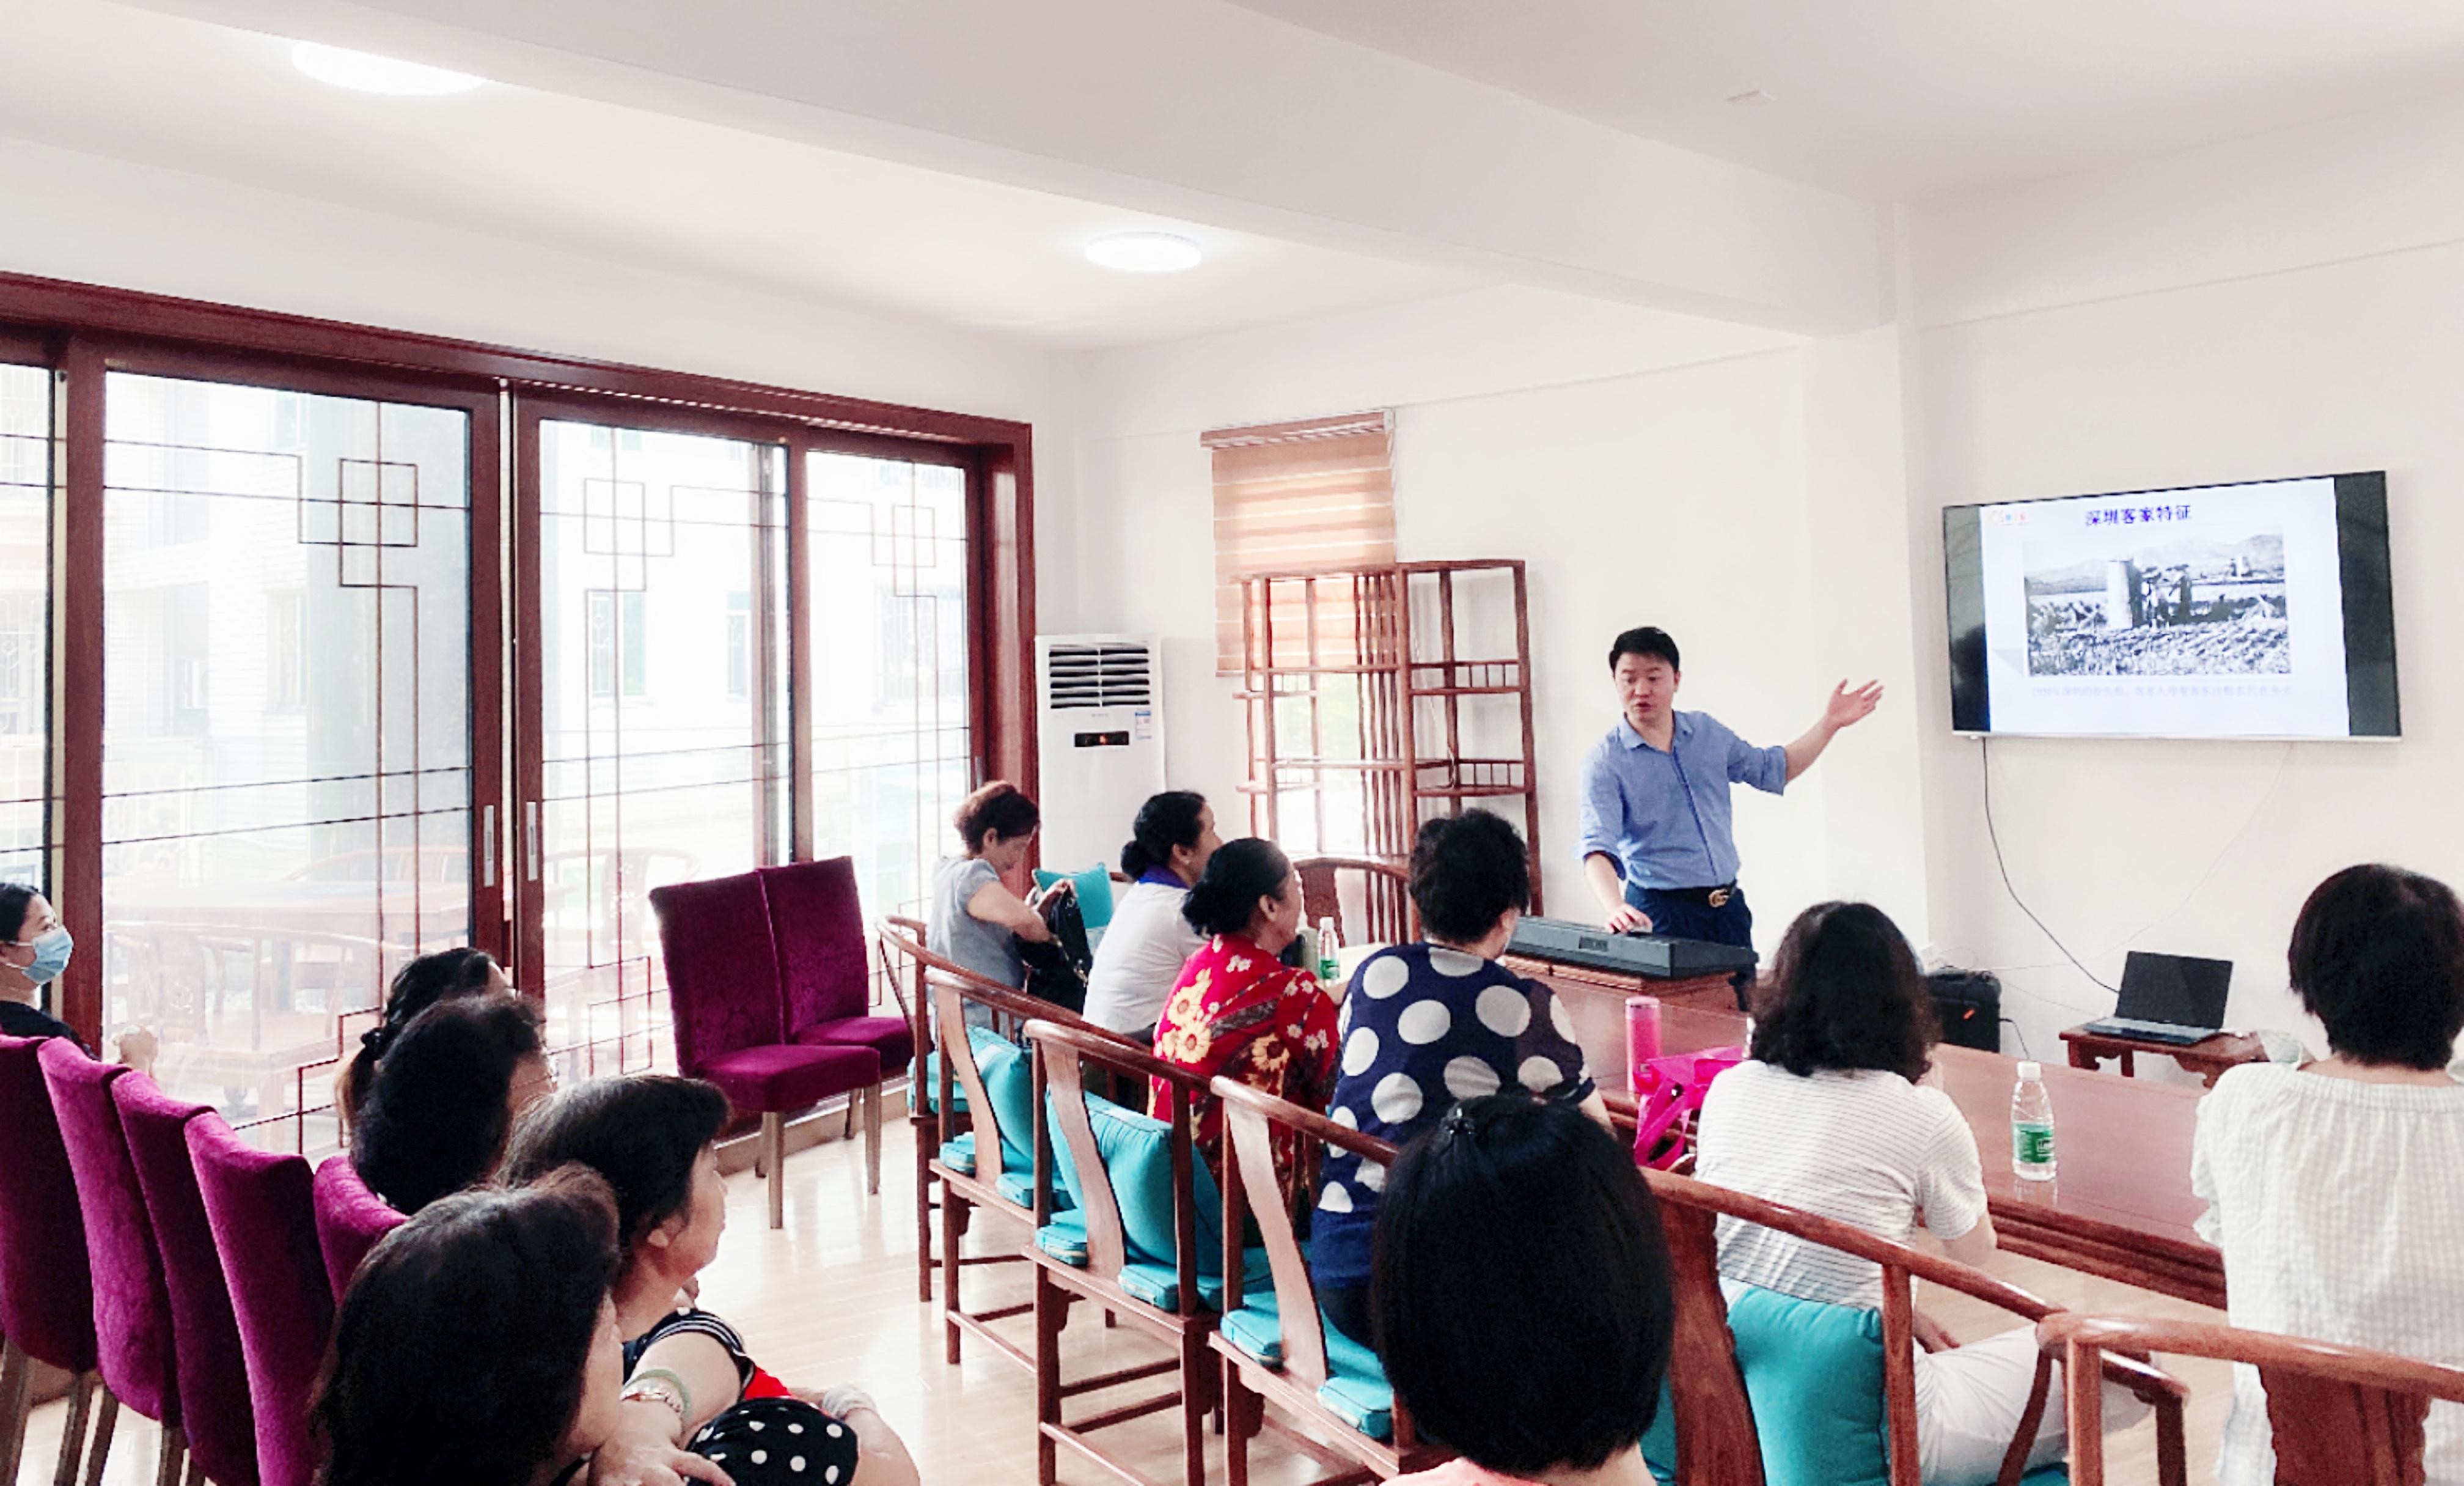 标题:陈善宝受邀赴中英街为深港客家山歌合唱团授课